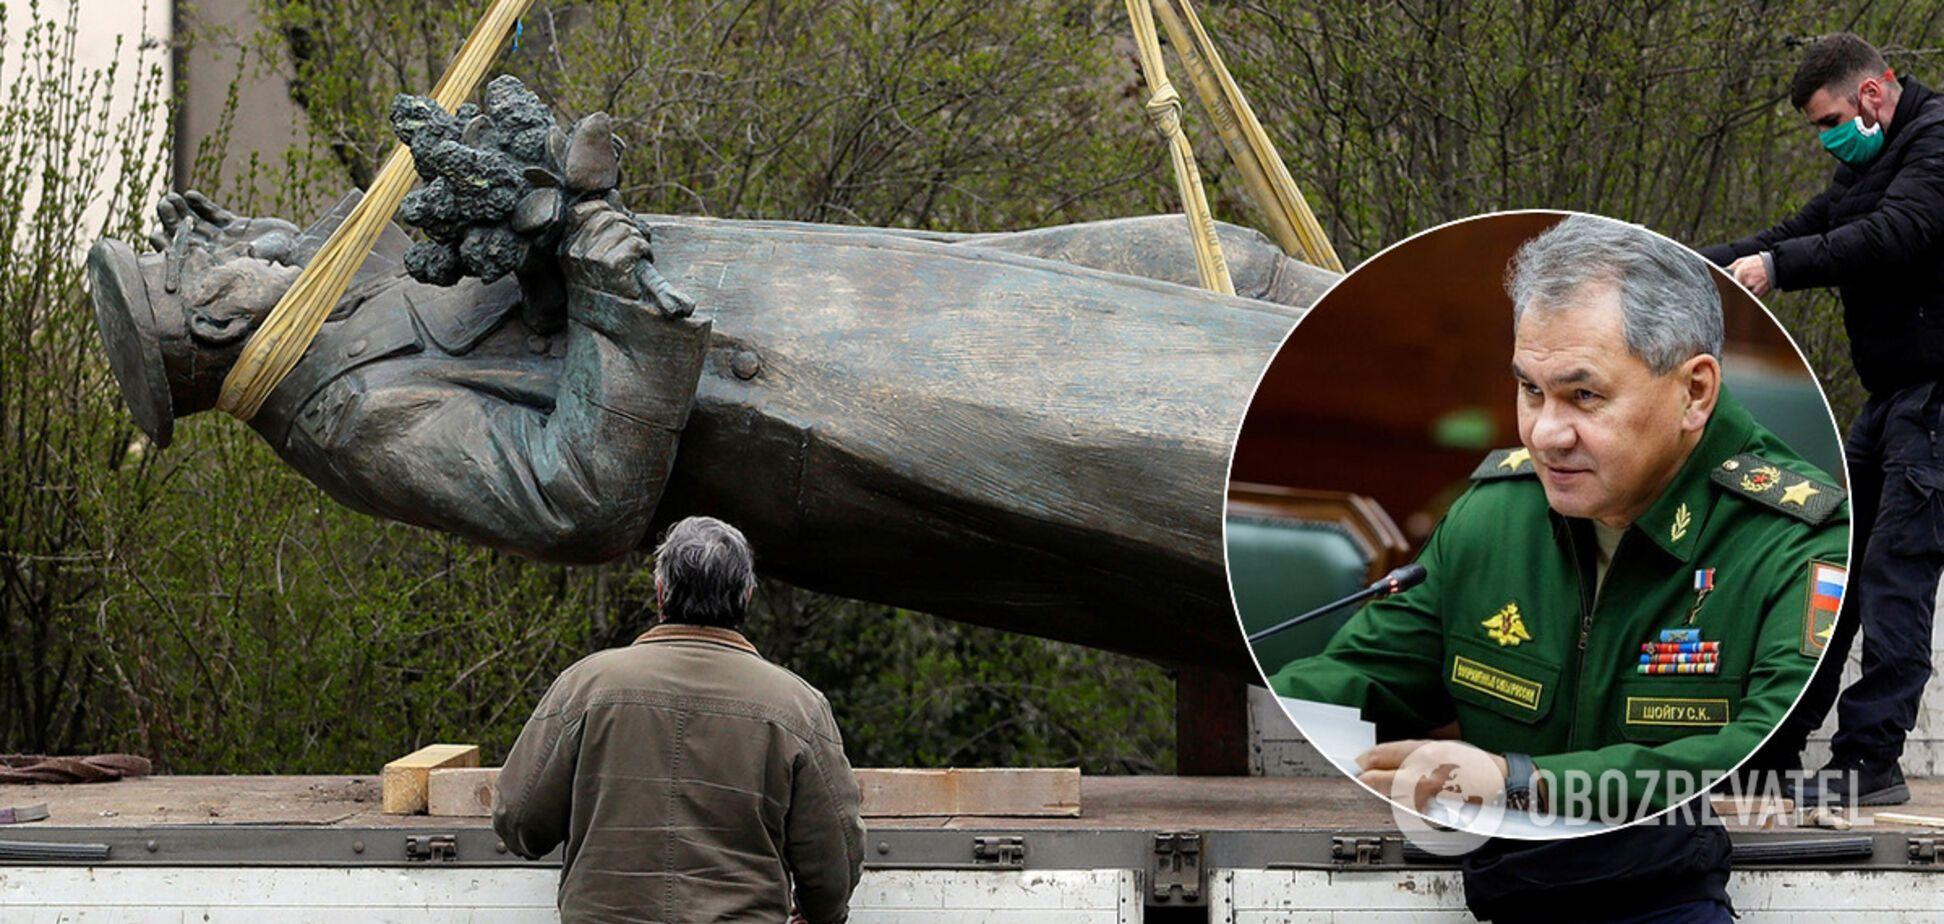 Рішення Шойгу 'врятувати' пам'ятник з Чехії обурило росіян